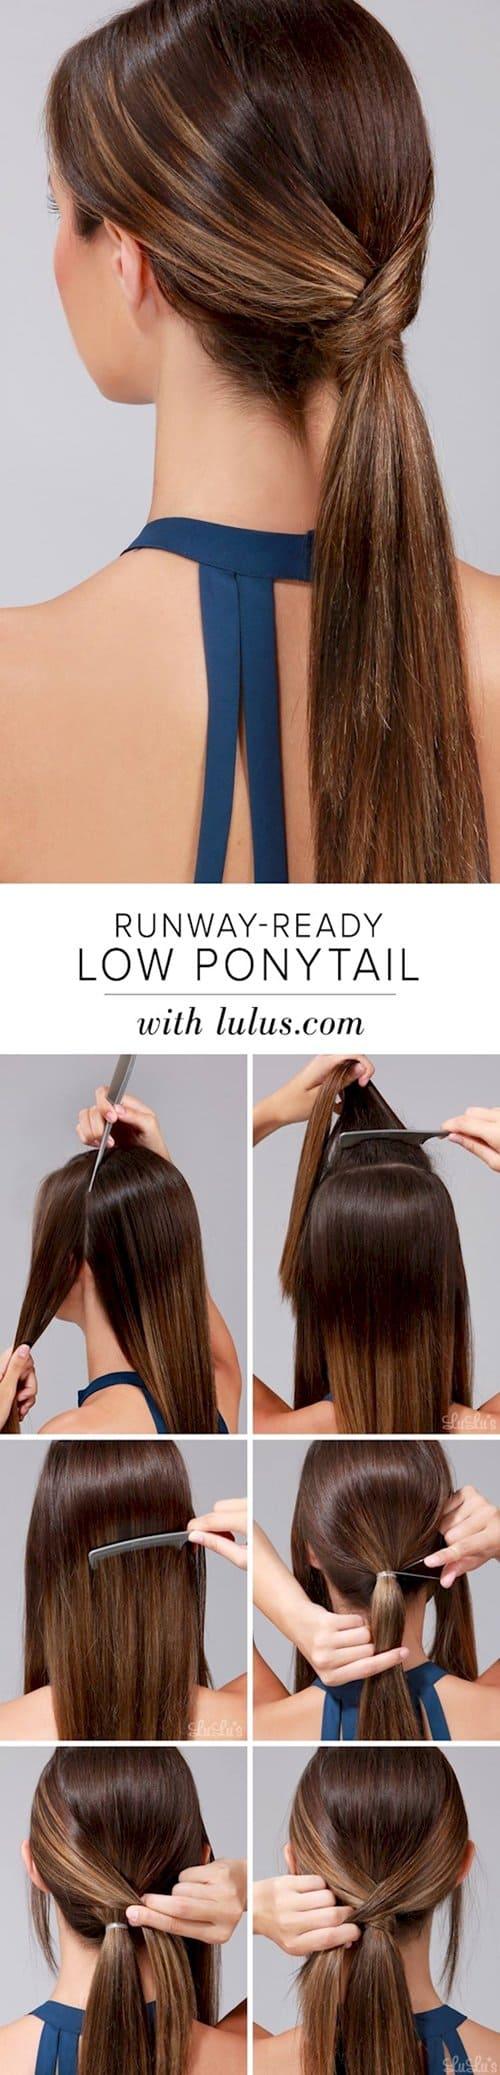 ponytails-low